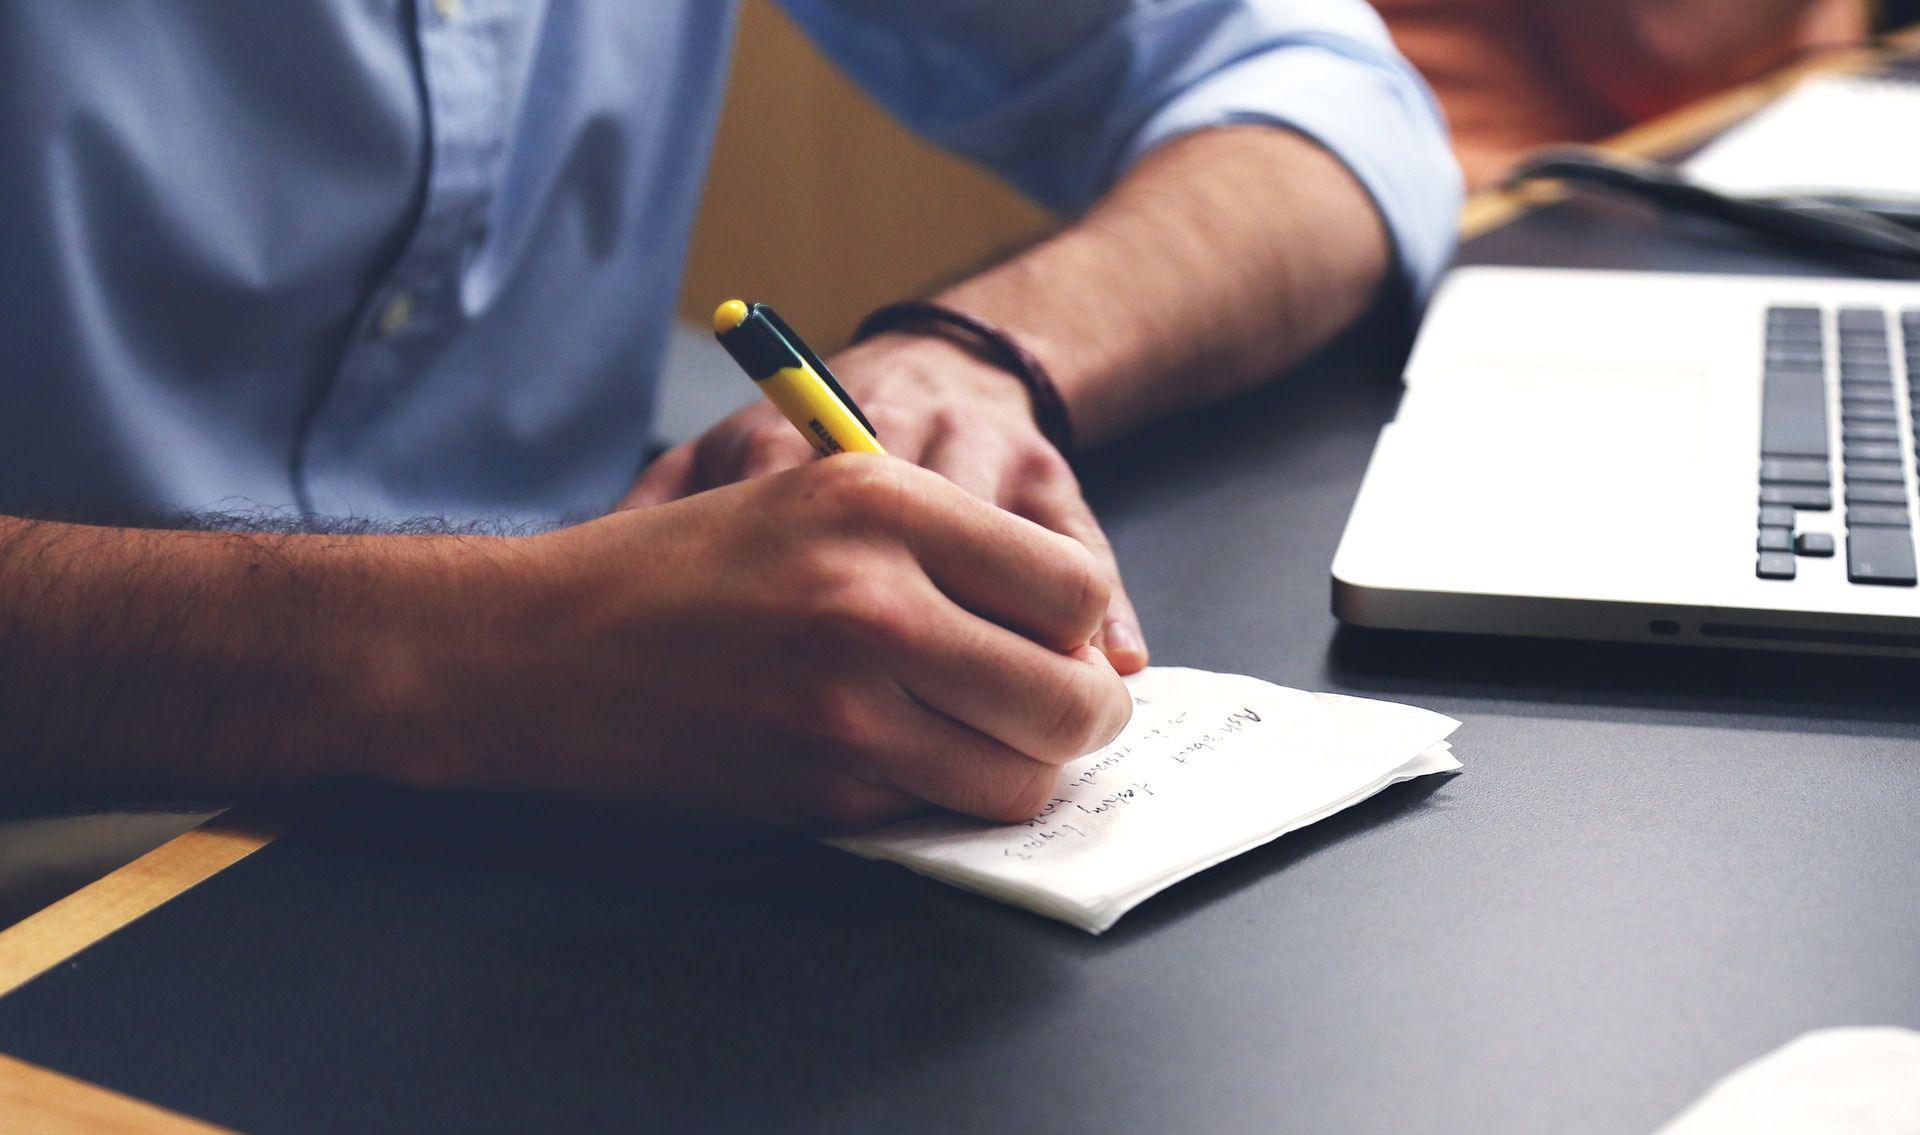 Mit Xing Anschreiben Kunden akquirieren